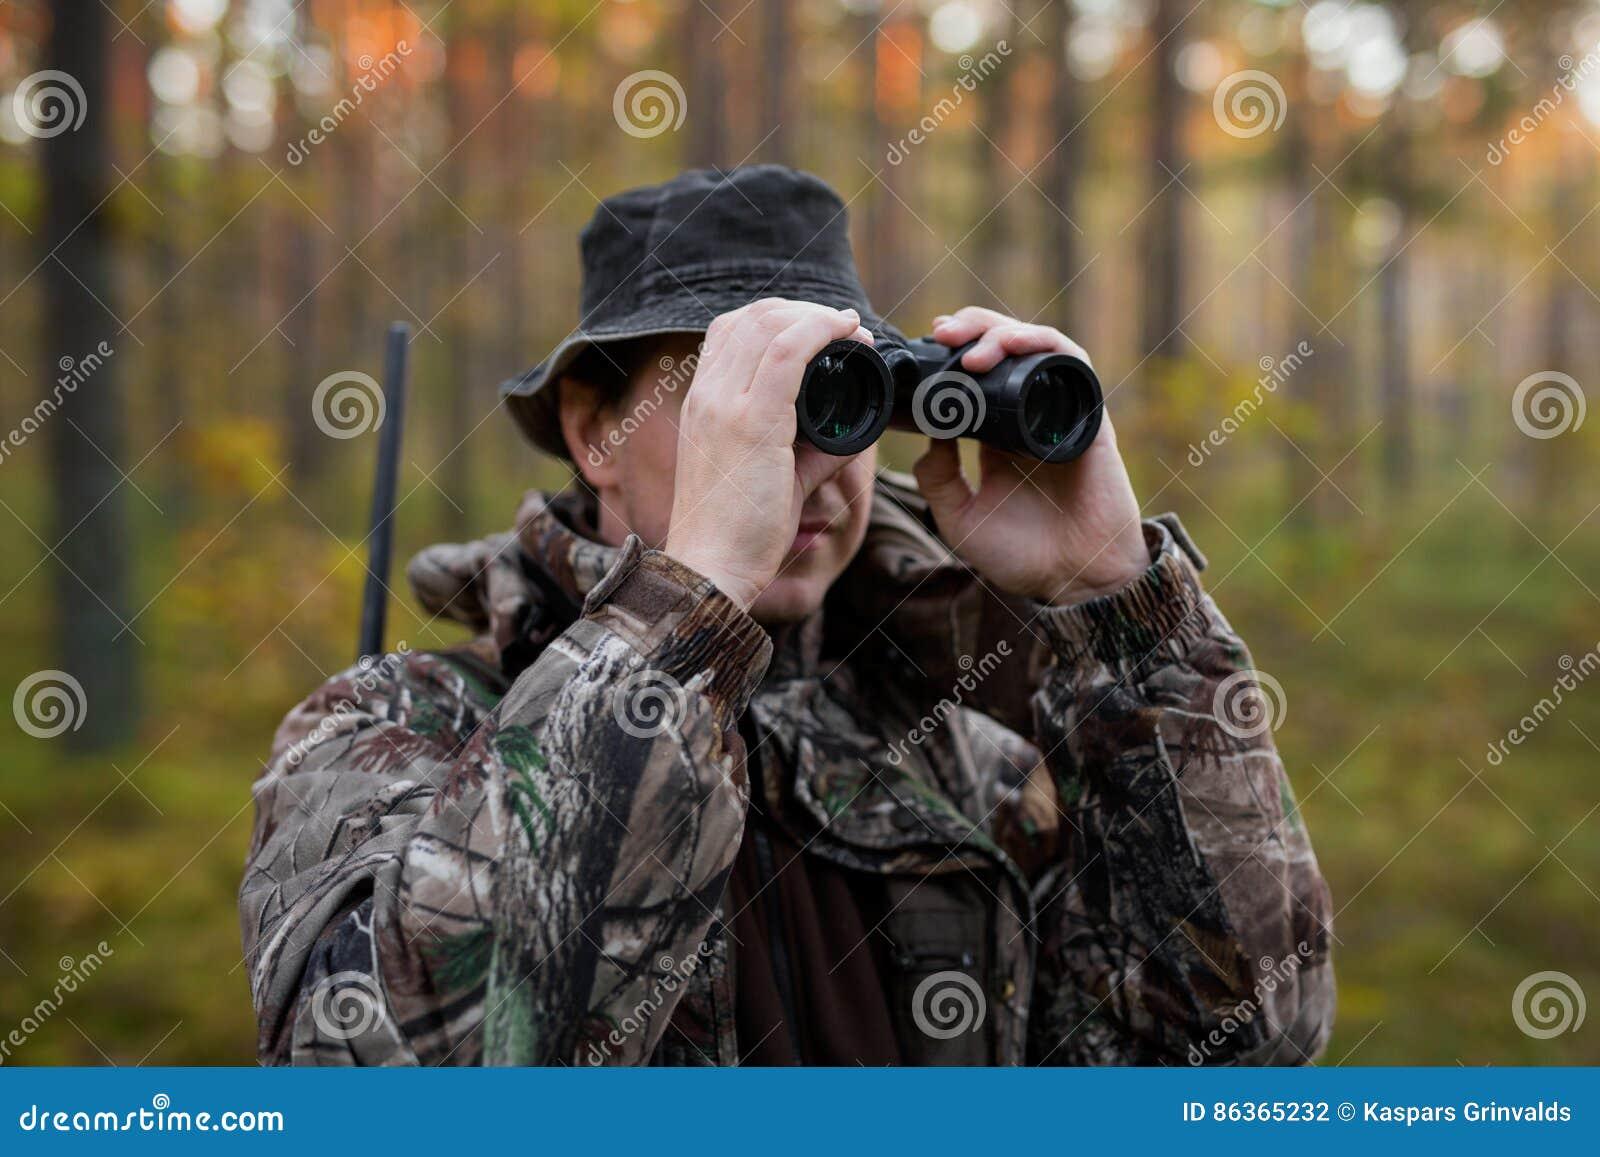 Jäger der ferngläser untersucht stockfoto bild von jagd wald